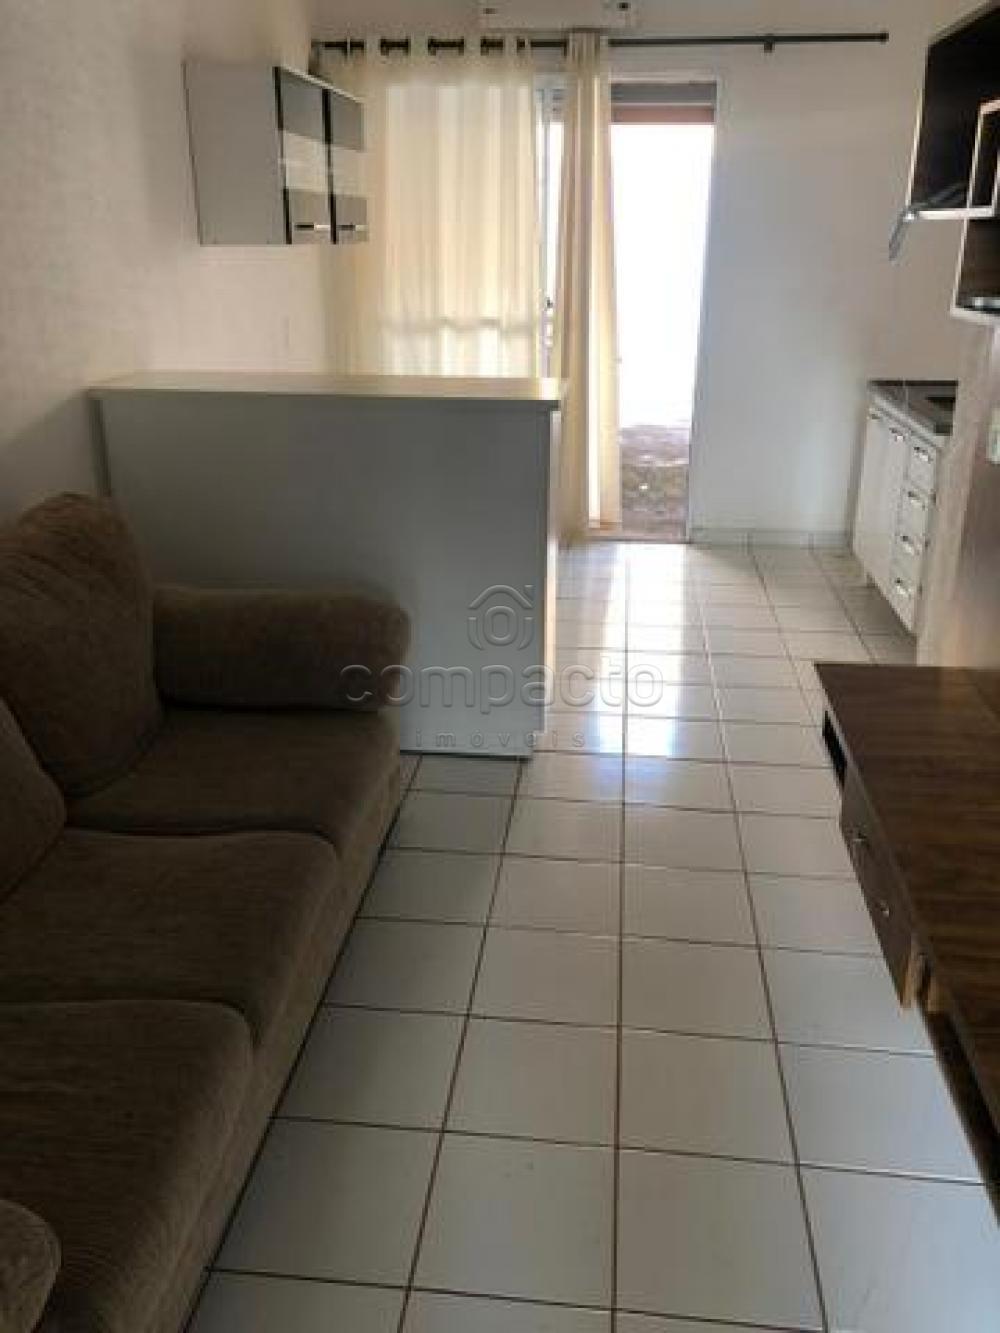 Alugar Casa / Condomínio em São José do Rio Preto apenas R$ 1.200,00 - Foto 3